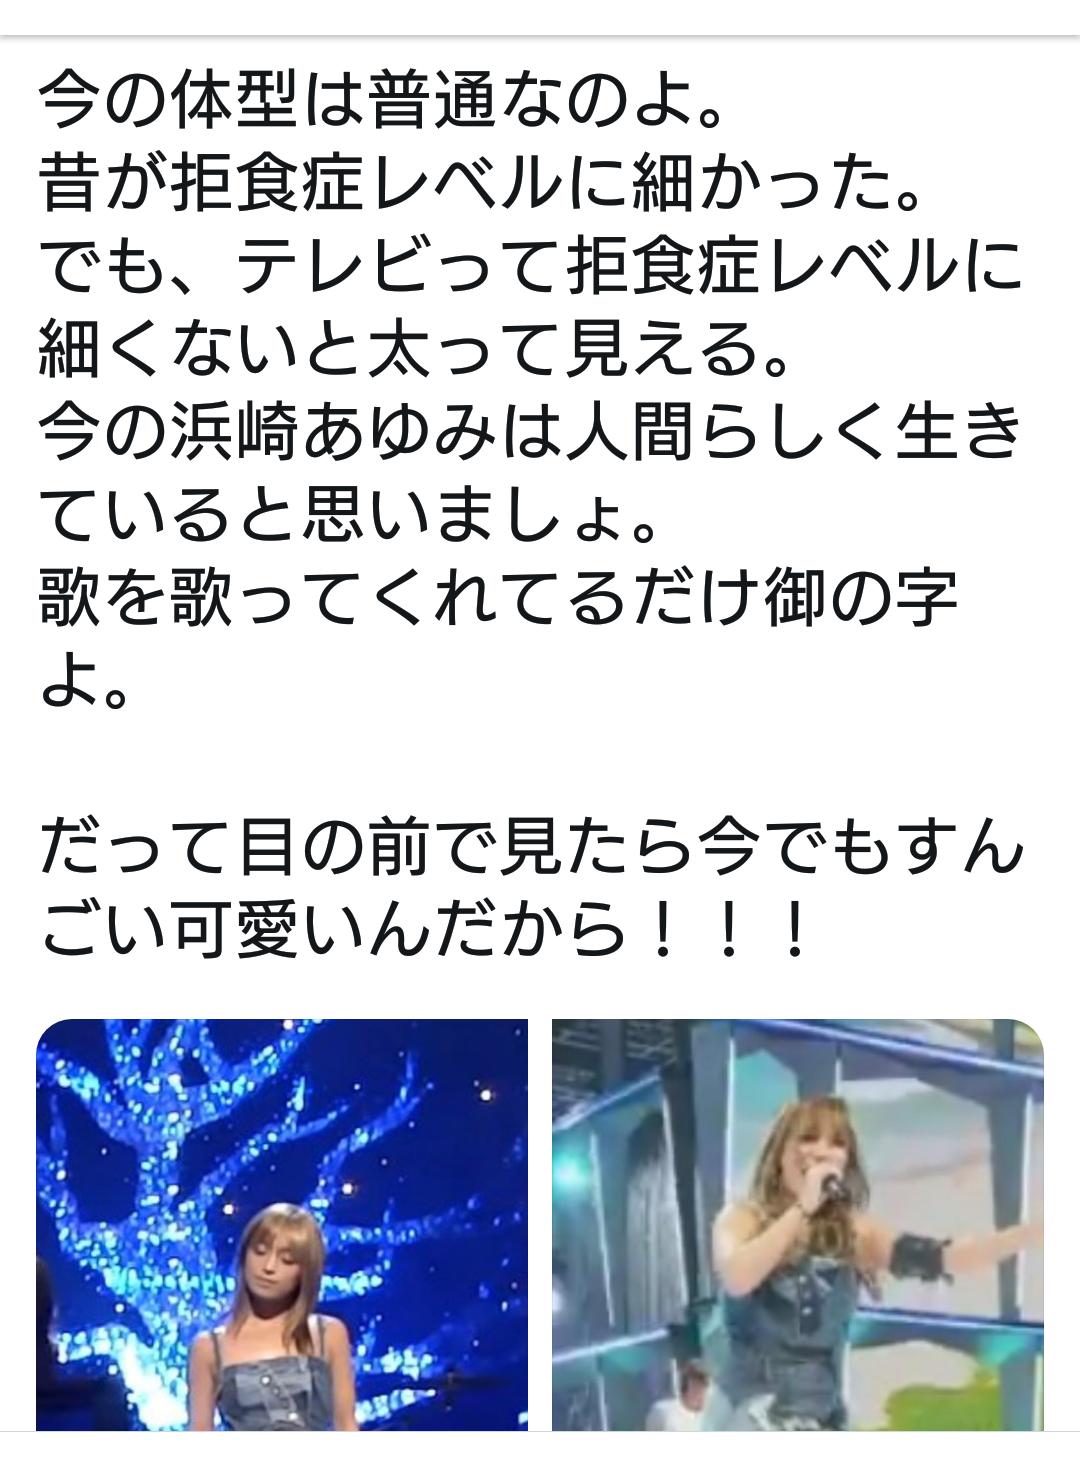 浜崎あゆみ、ショーパン×ニーハイブーツでSEXYコーデ「スタイルが神」の声